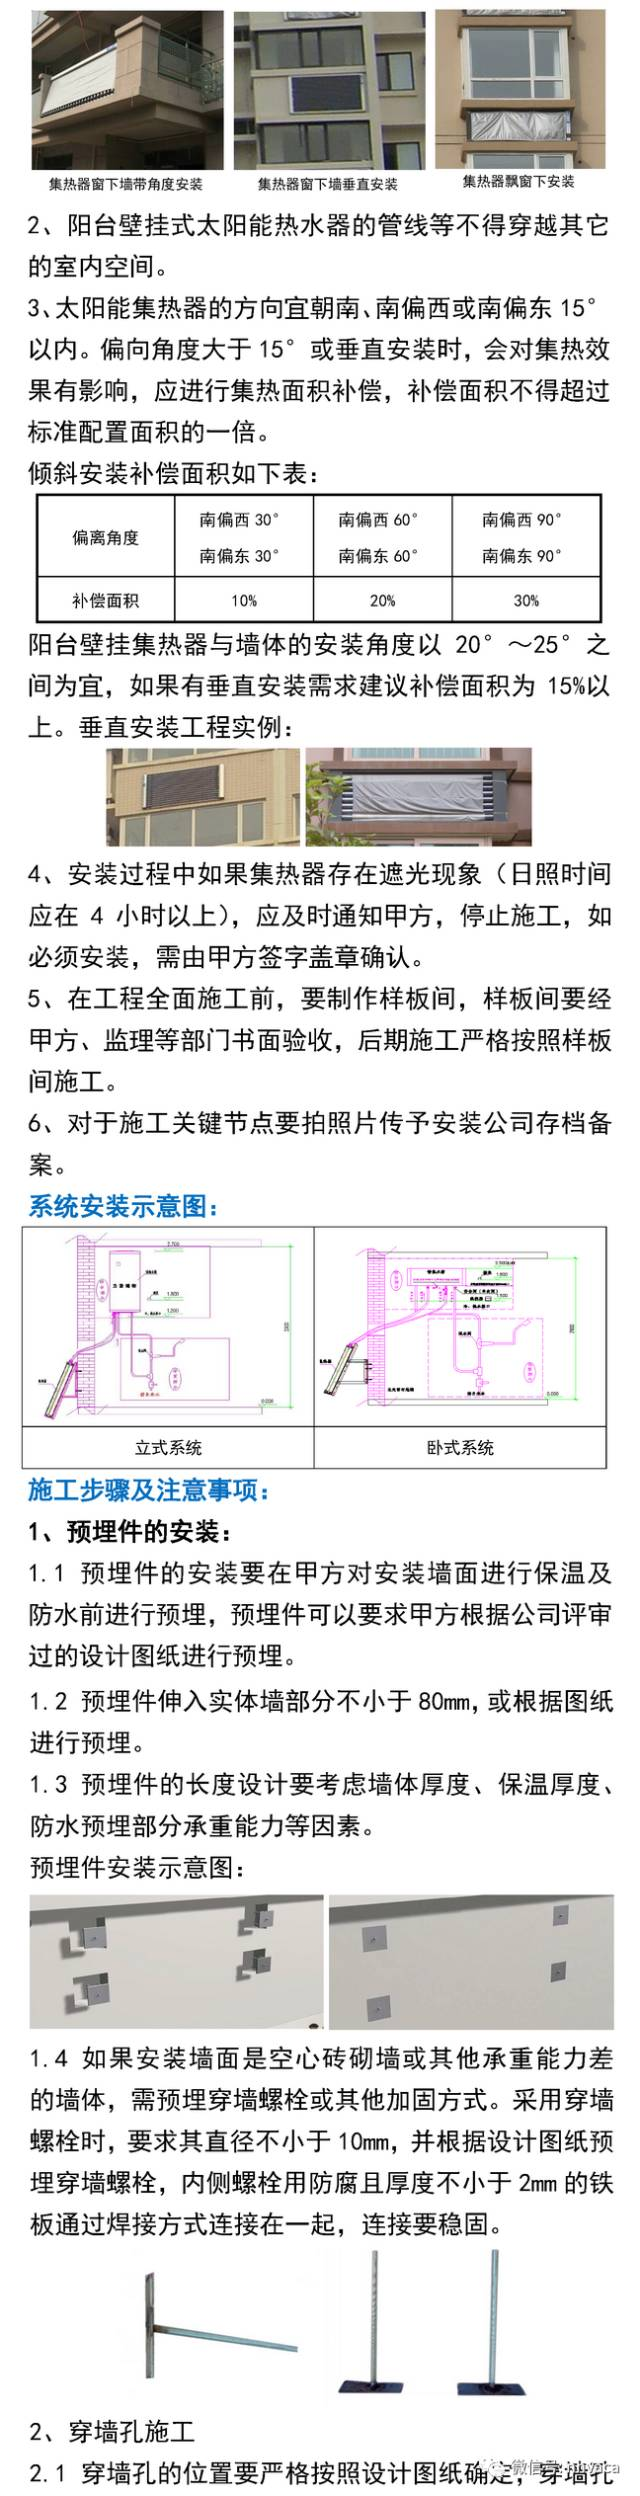 阳台壁挂太阳能热水器设计安装手册_6